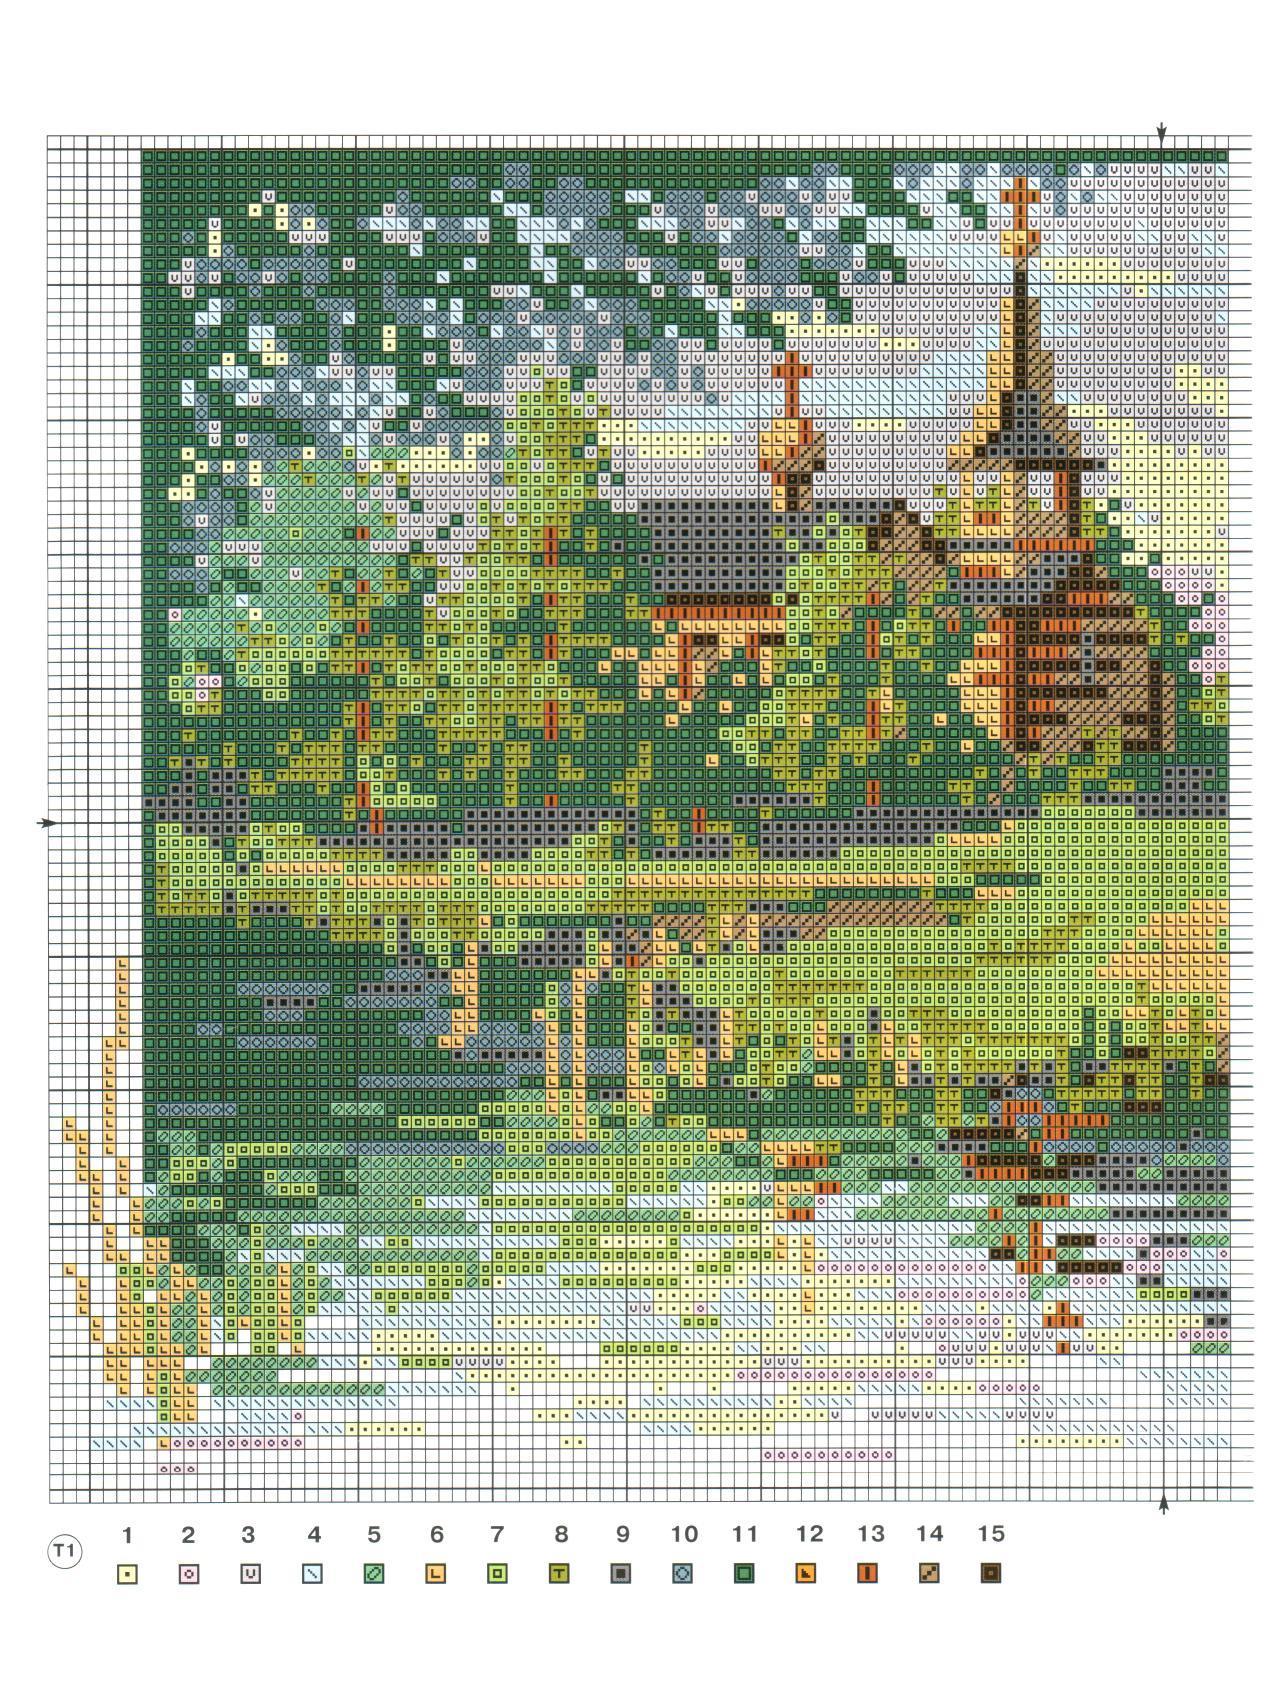 Вышивка крестом схемы бесплатно пейзажи больших размеров: зимний 22